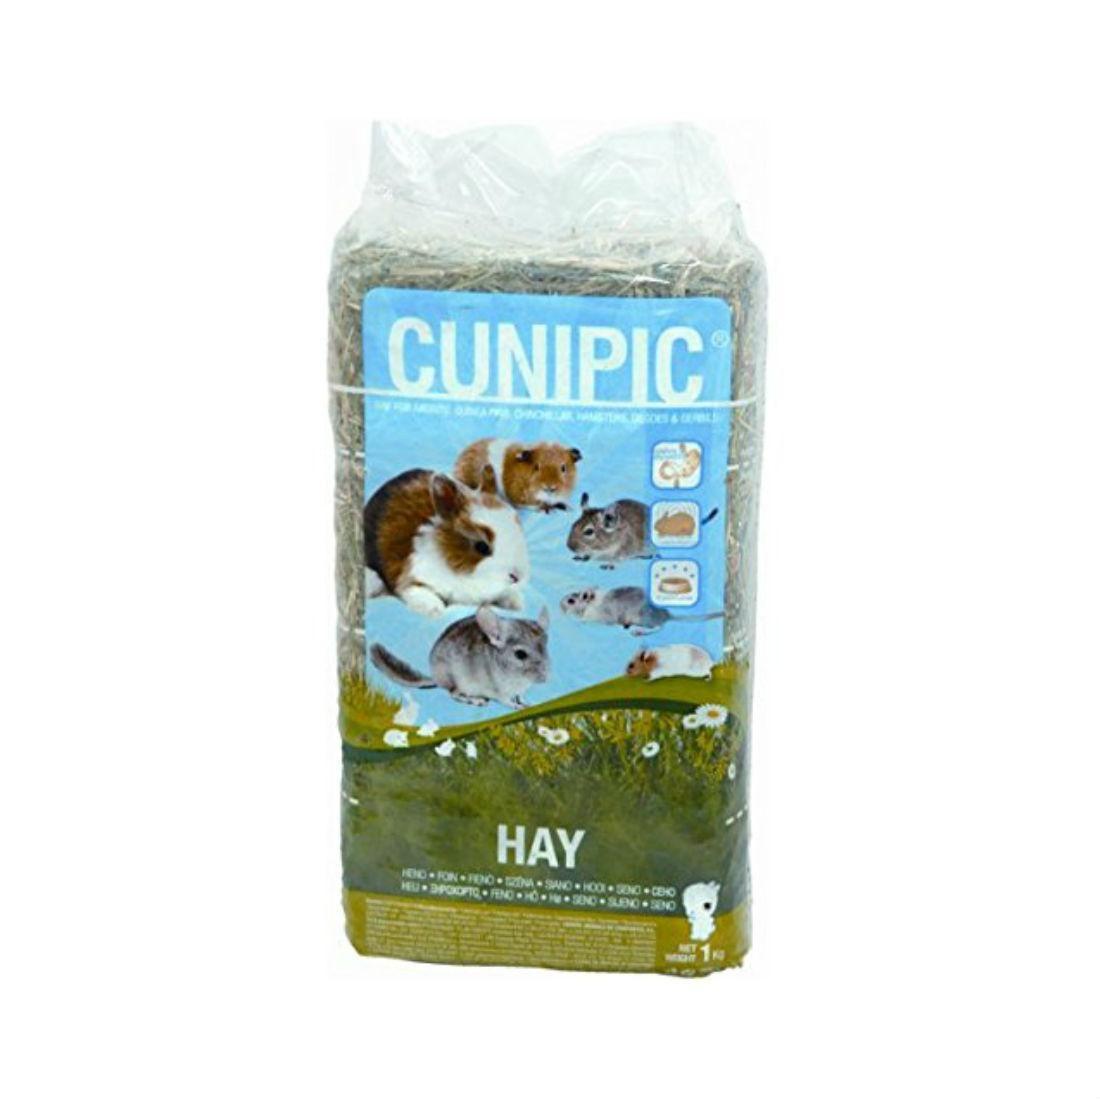 Cunipic Heno Fibra para roedores 1 kg – Novedades y Ofertas